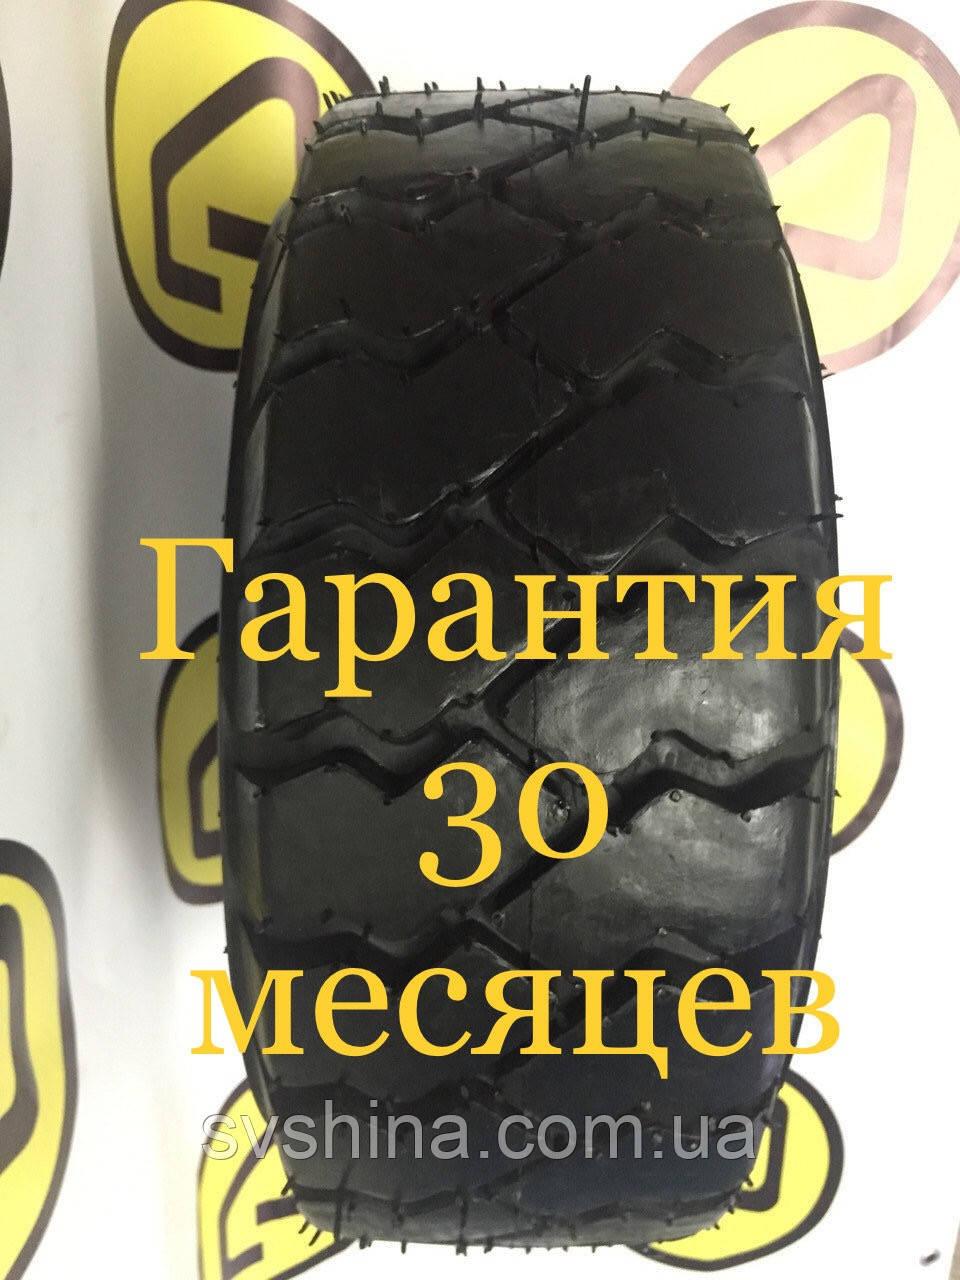 Шина 18х7-8 Е8, 14.н.с. Dynamic  ШИНОКОМПЛЕКТ